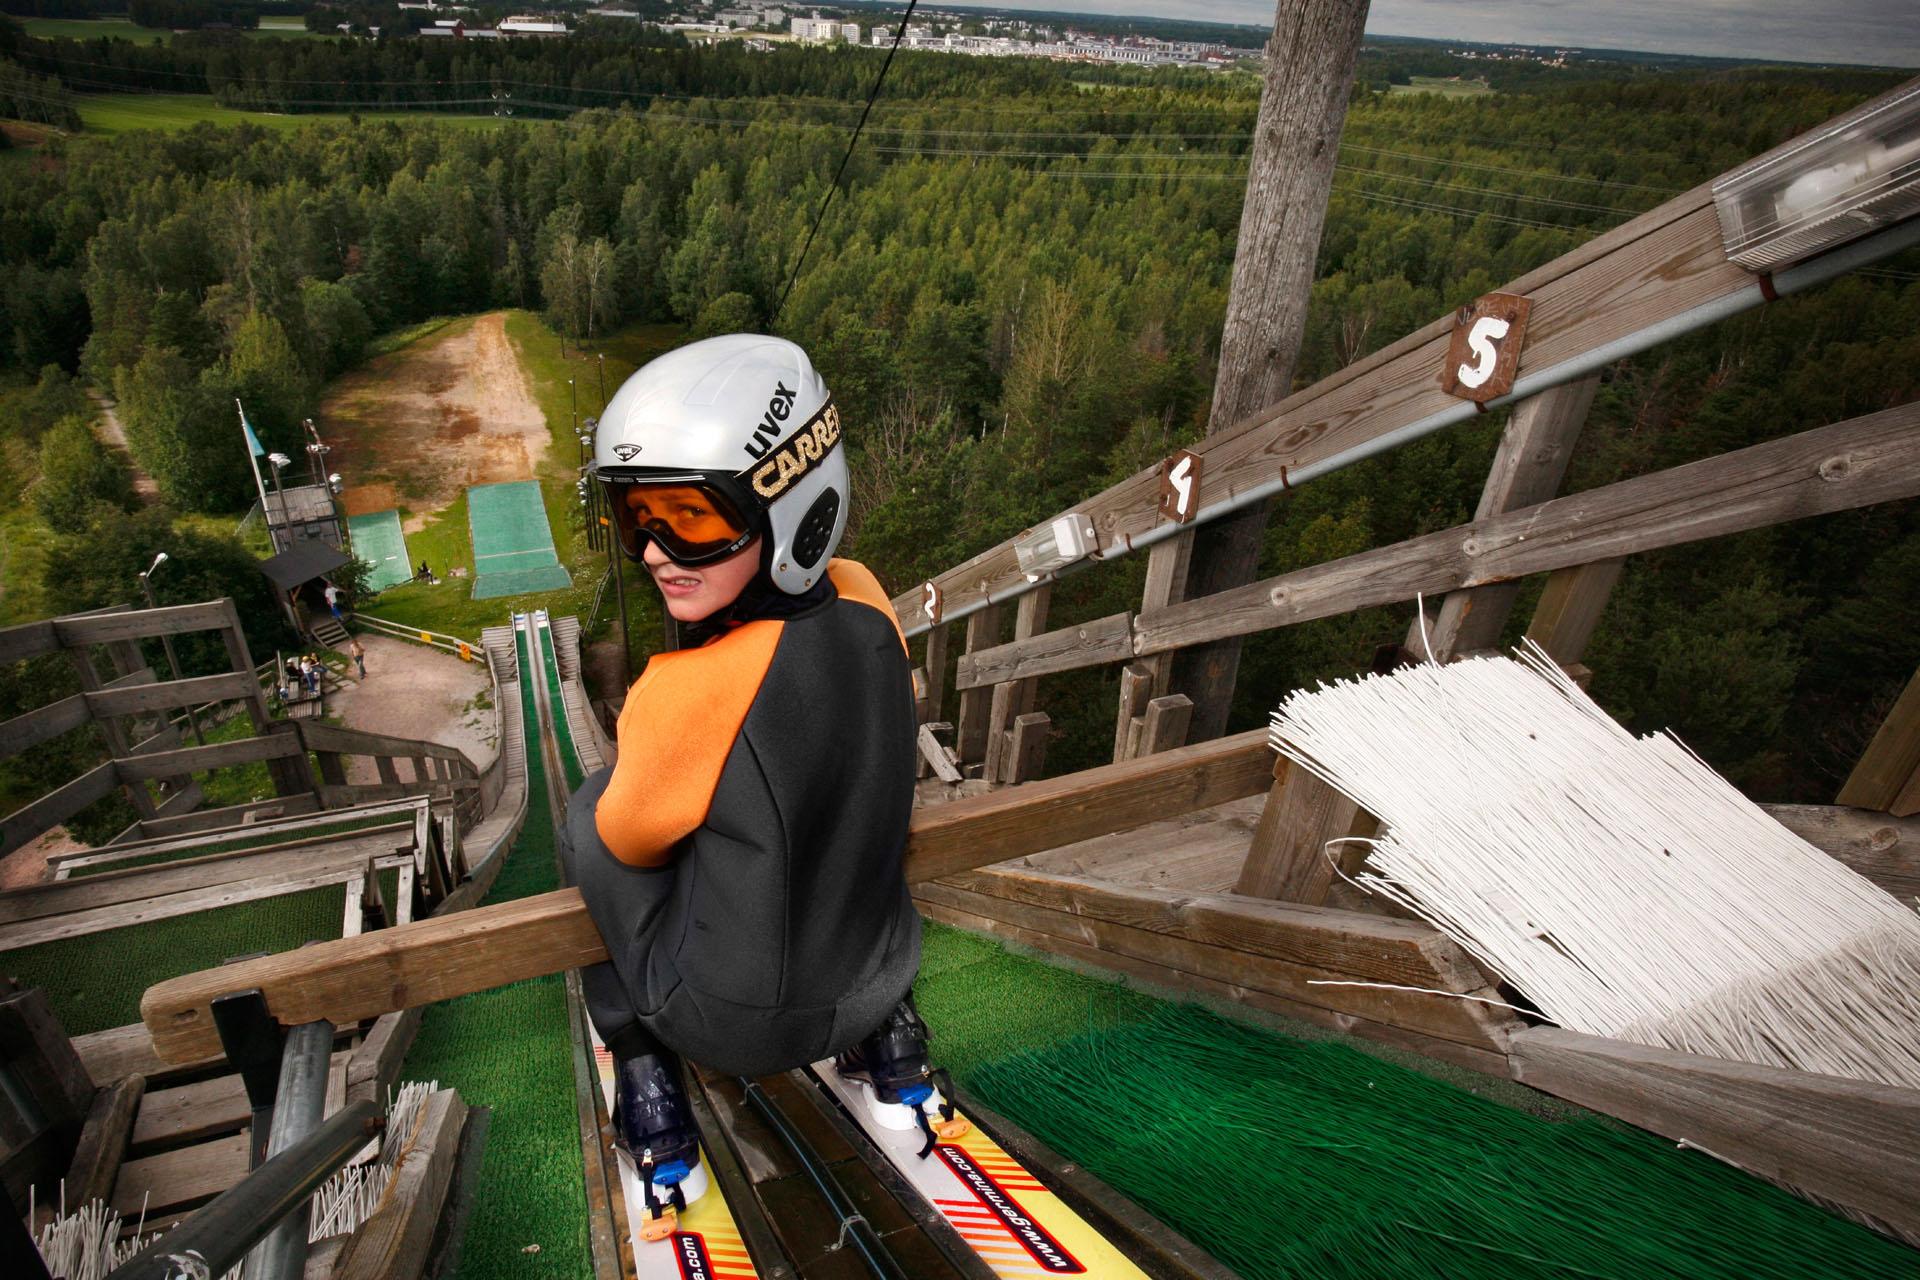 11-vuotias Toni Kokkonen valmistautuu hyppyyn Herttoniemessä.